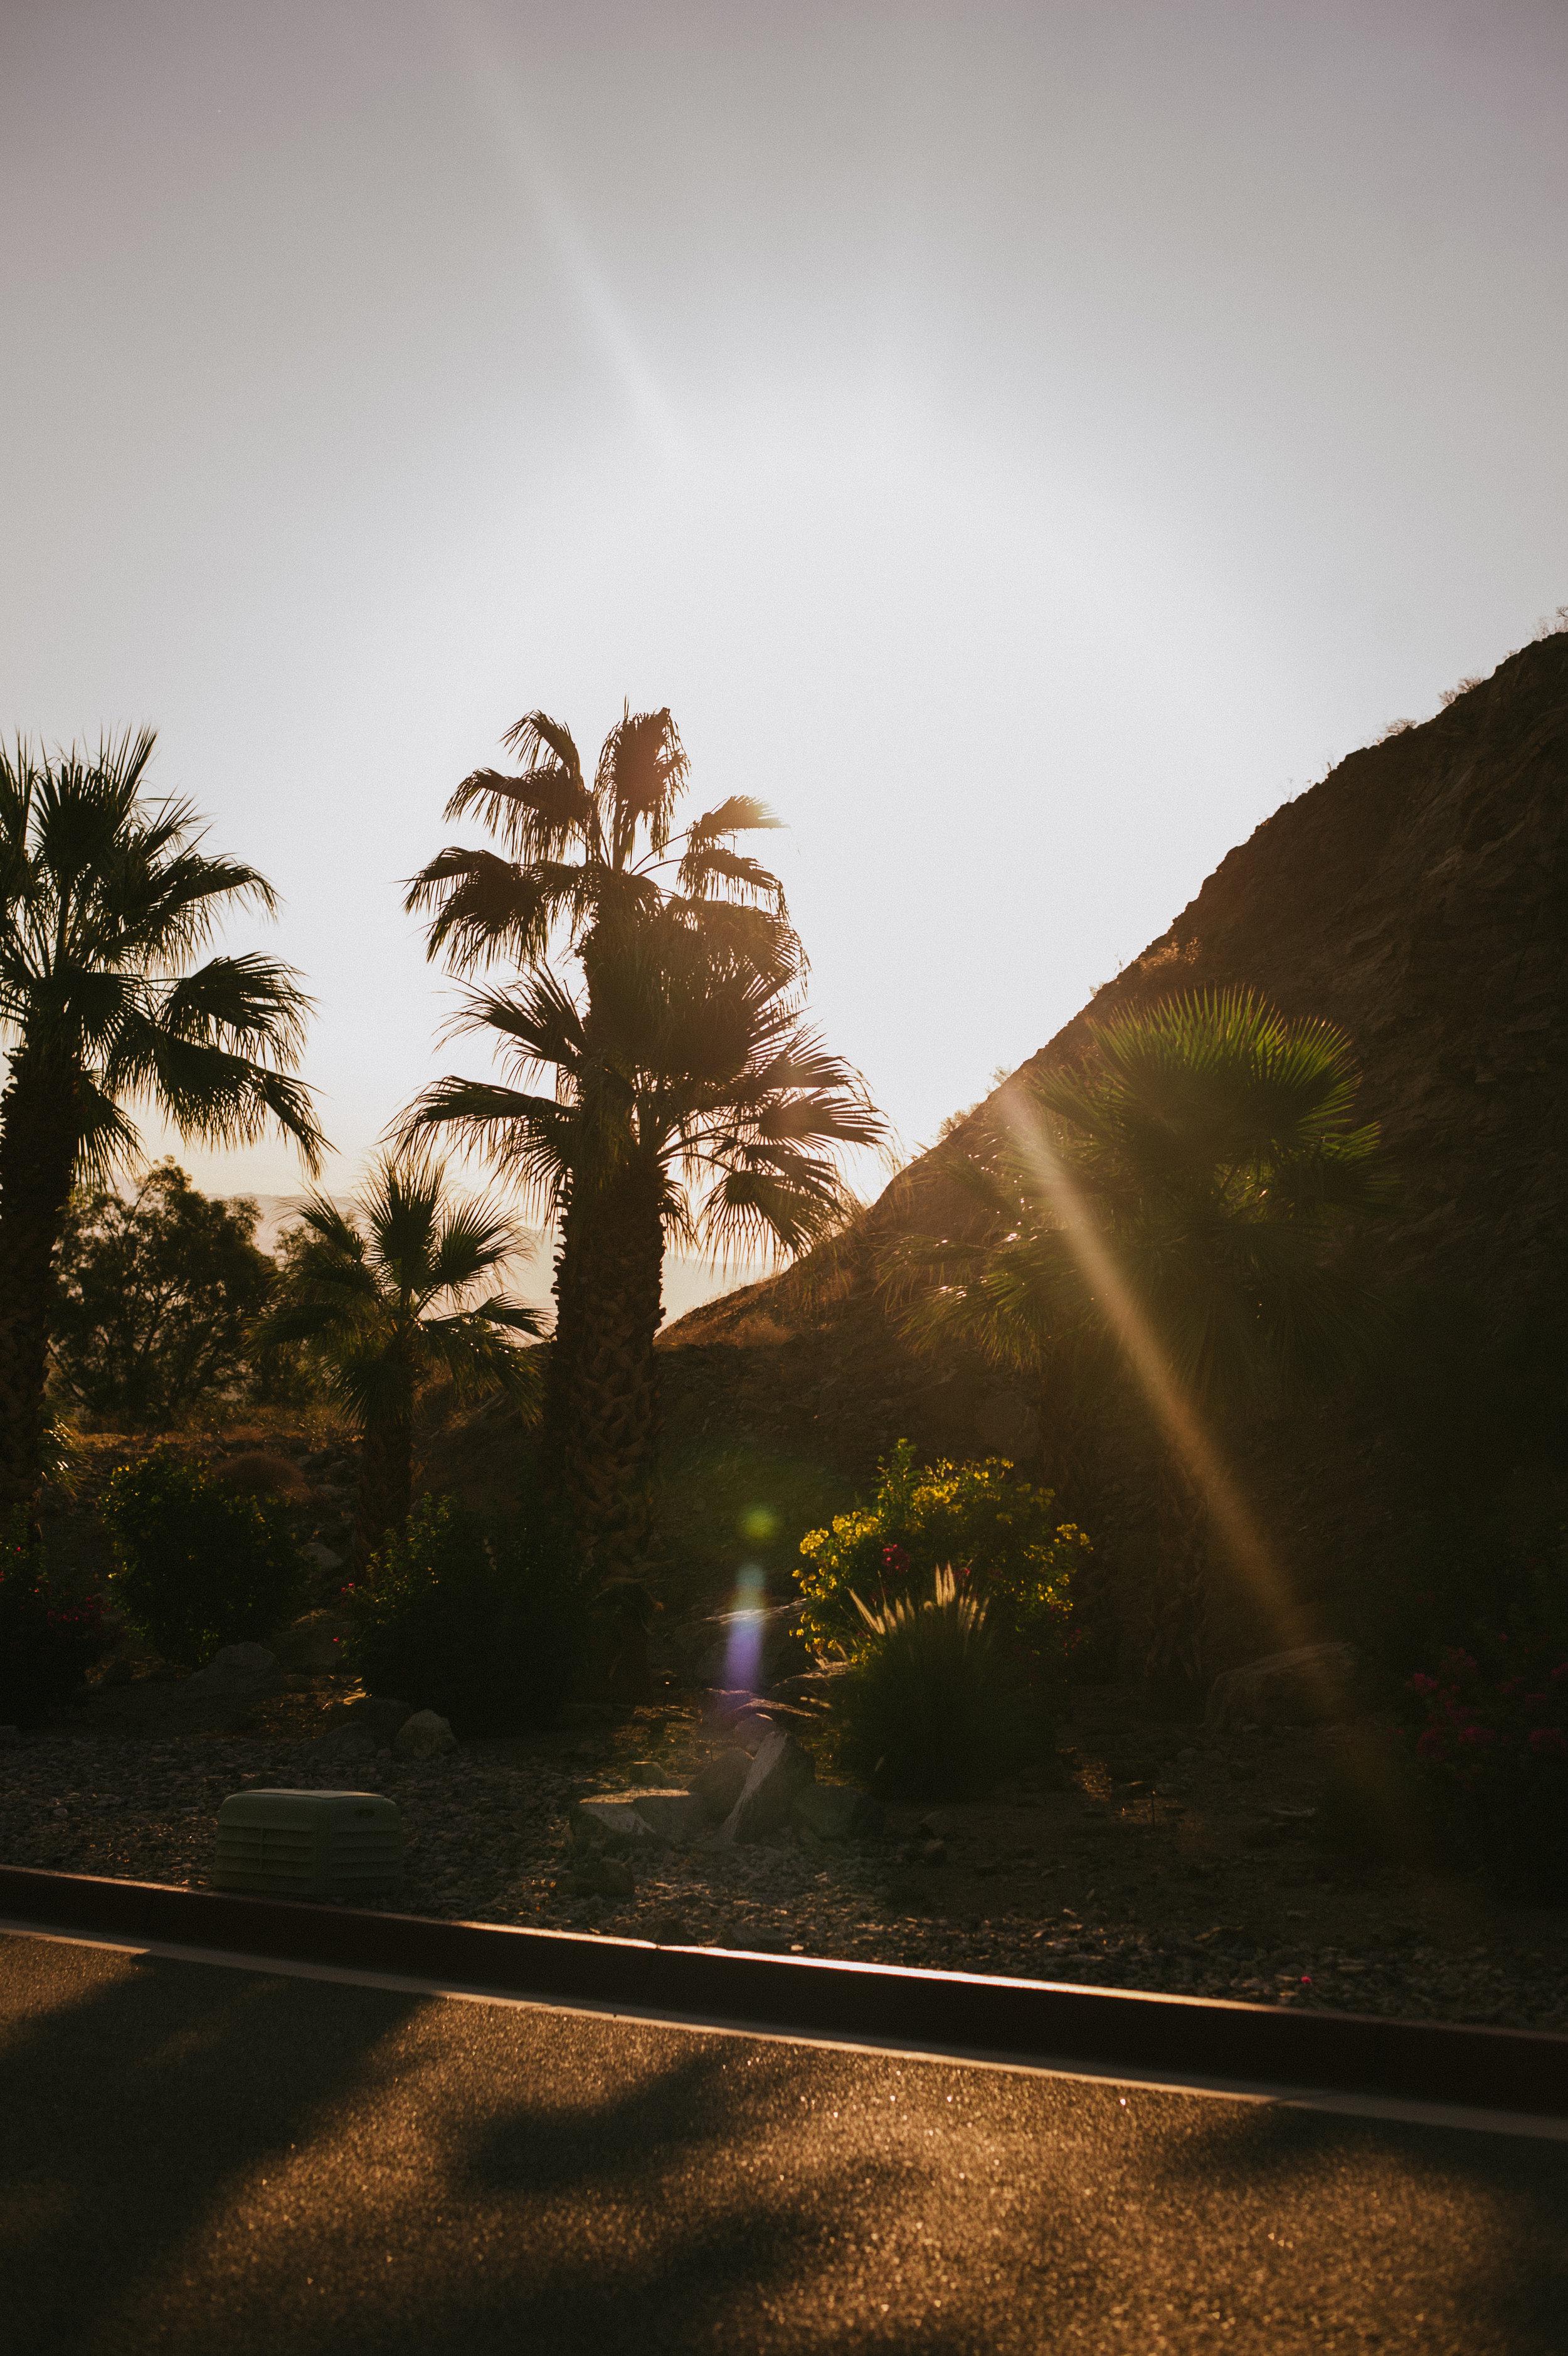 The-Glossier-Palm-Springs-CA-11.jpg